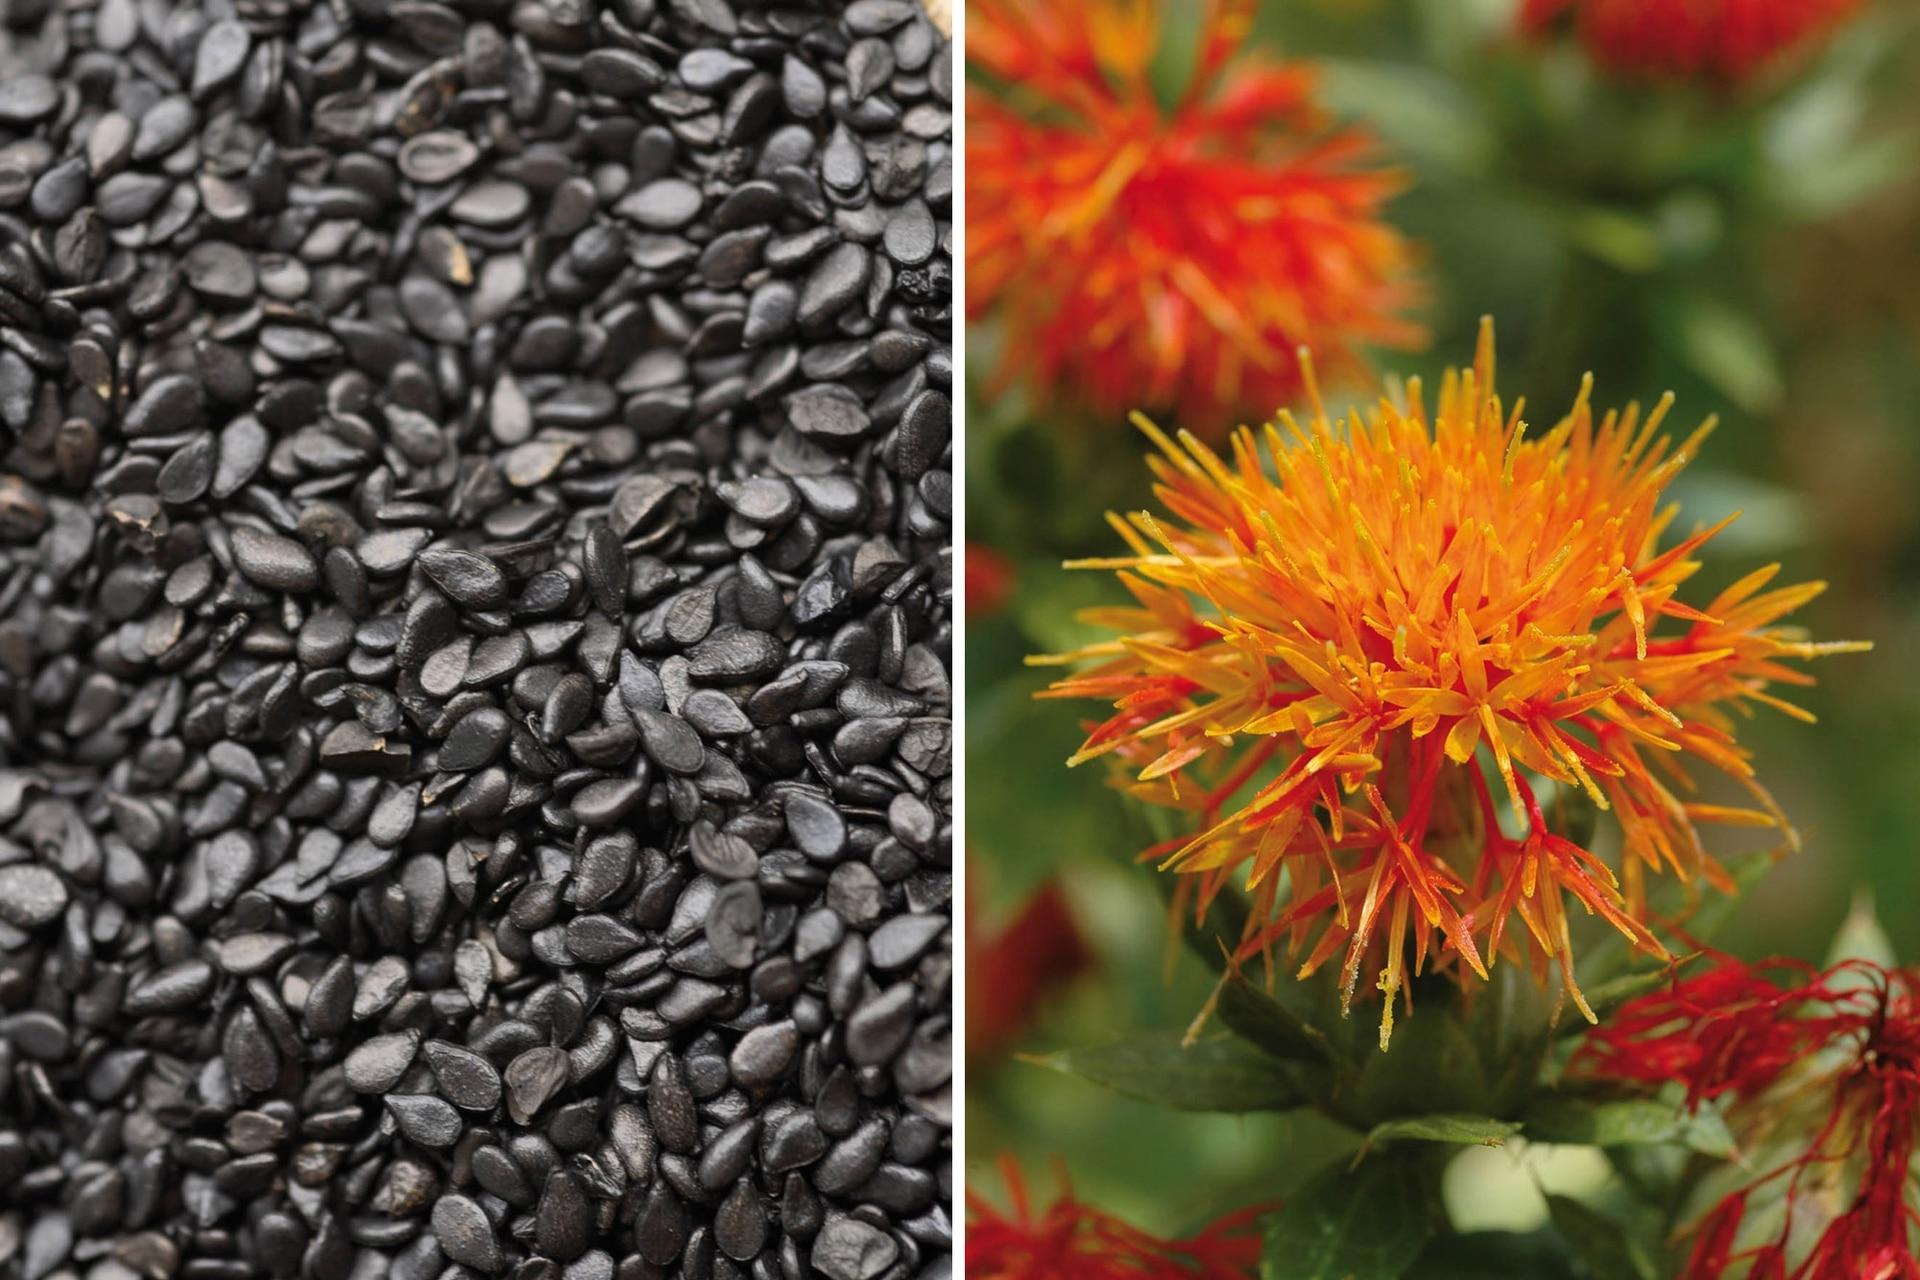 Izquierda: Semillas de sésamo negro; su aceite es muy valorado como alimento y también en medicinas alternativas. Derecha: El cártamo es además de oleaginosa una planta tintórea que tiñe con los colores de sus pétalos.